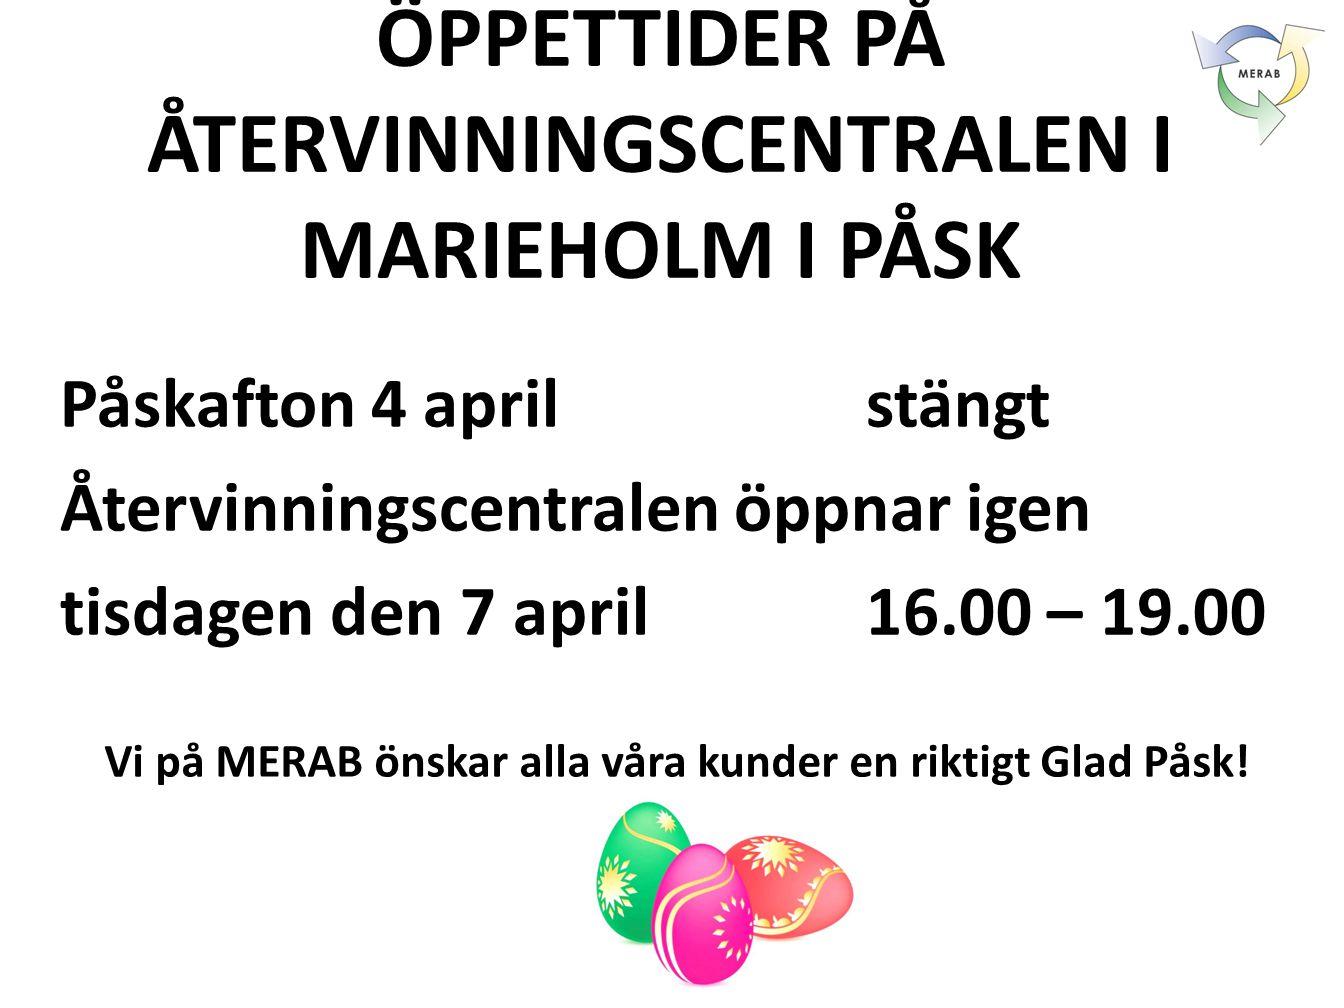 ÖPPETTIDER PÅ ÅTERVINNINGSCENTRALEN I MARIEHOLM I PÅSK Påskafton 4 aprilstängt Återvinningscentralen öppnar igen tisdagen den 7 april16.00 – 19.00 Vi